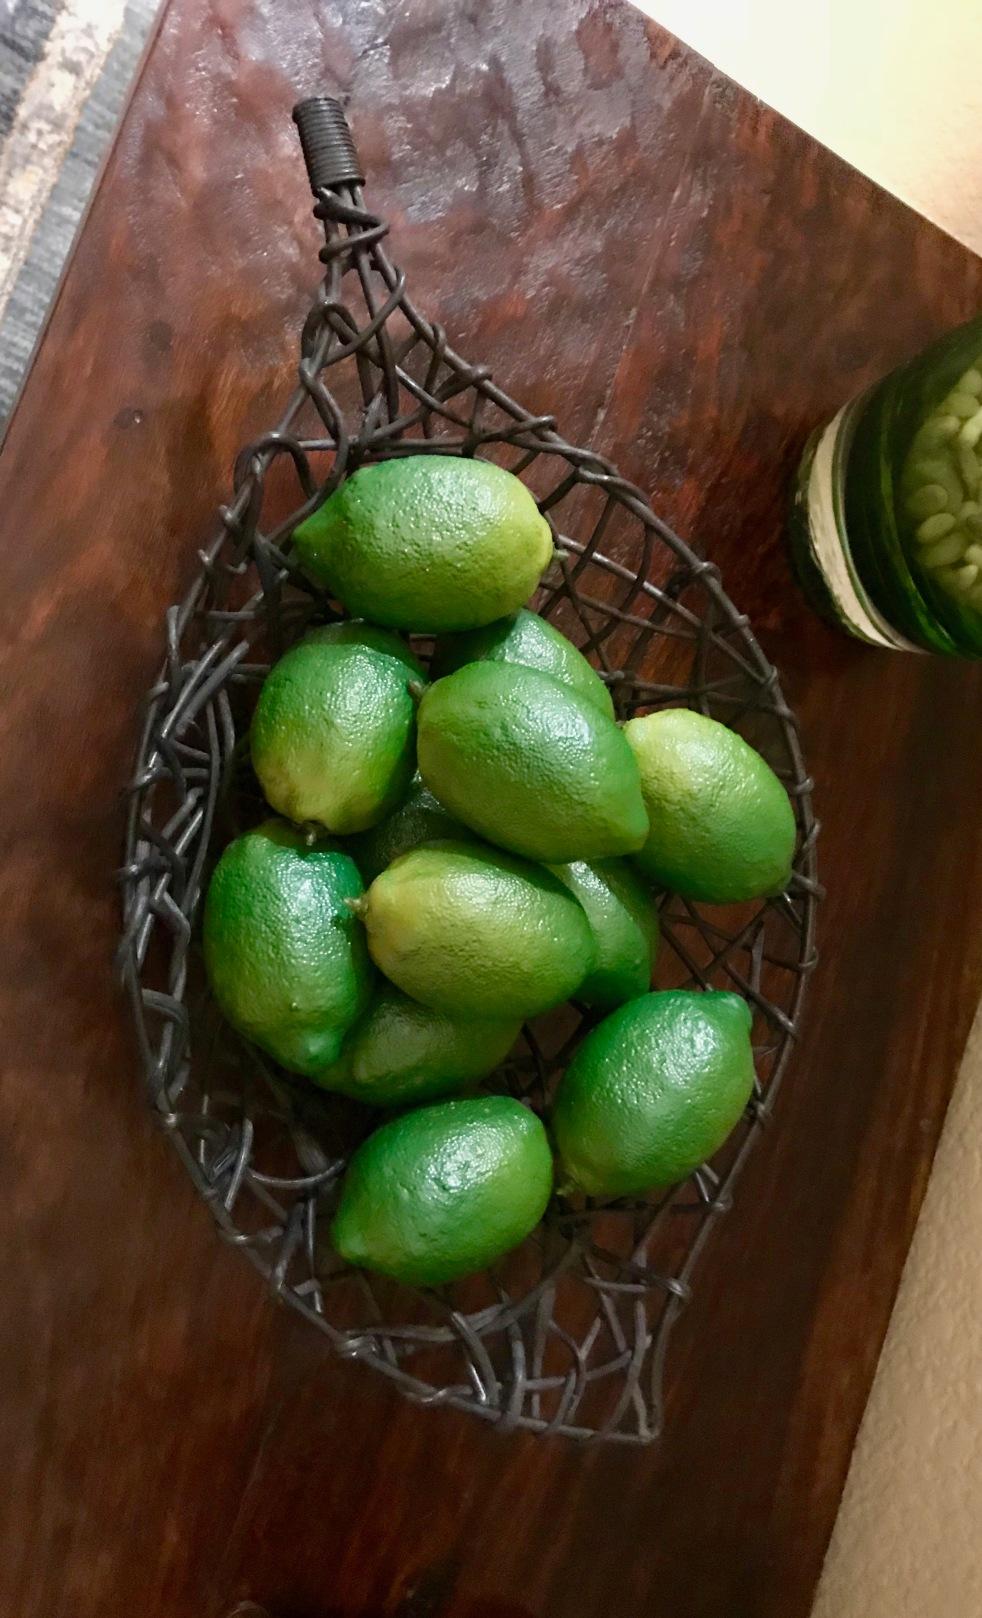 Limes for Christmas